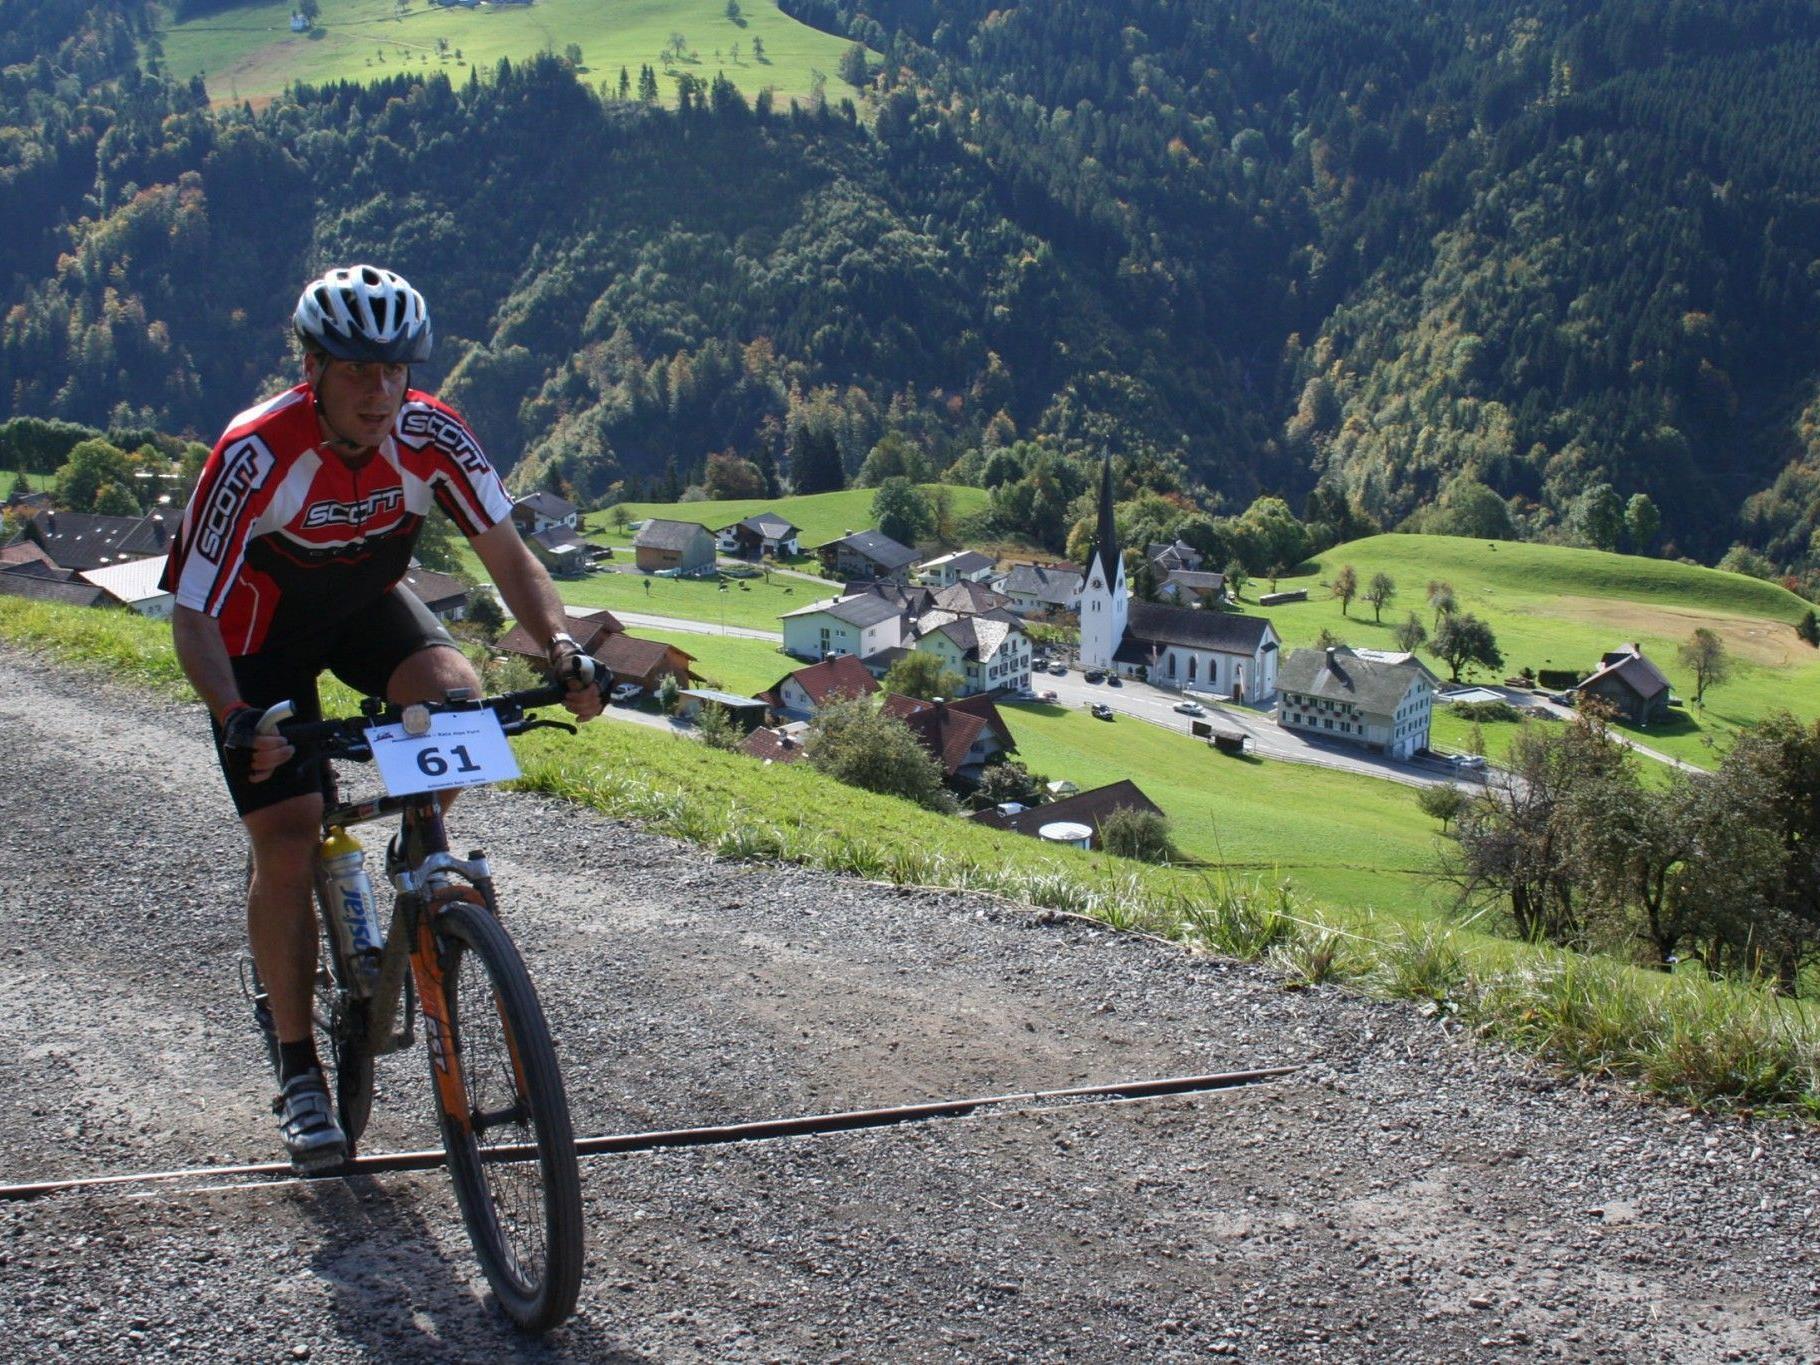 Den Teilnehmern wird beim Alpe Furx Race so einiges abverlangt.